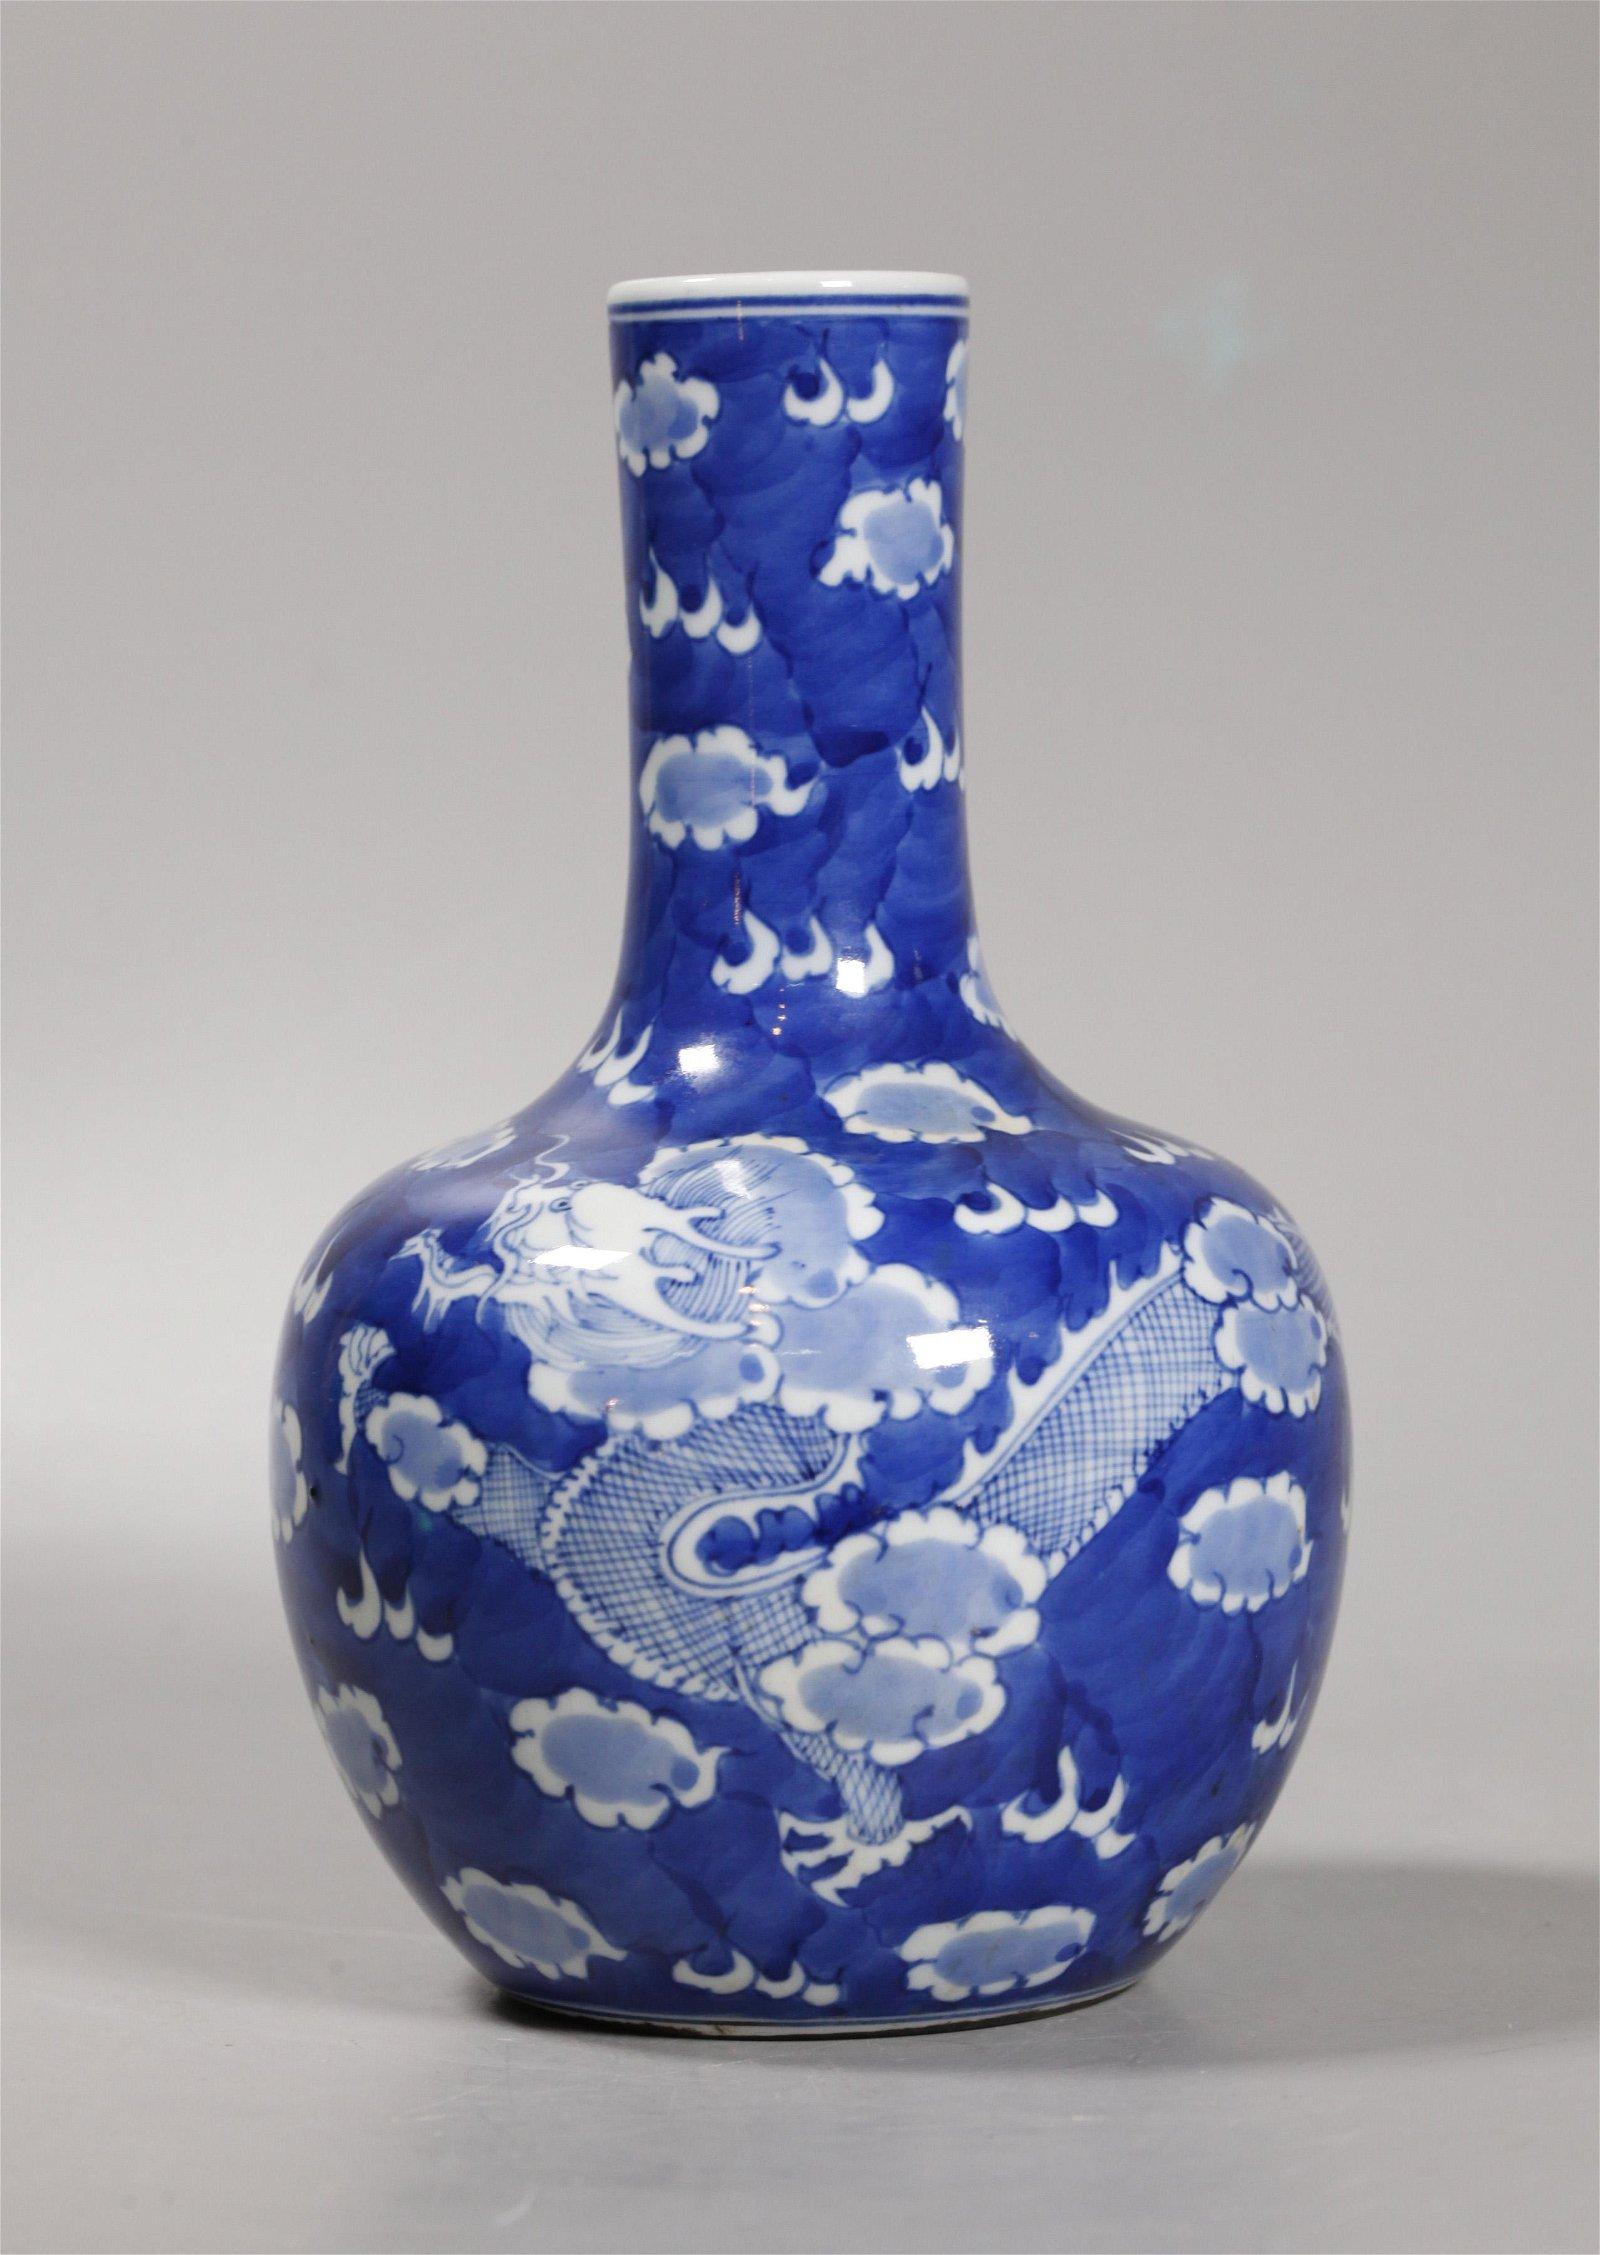 Chinese Blue & White Porcelain Dragon Bottle Vase